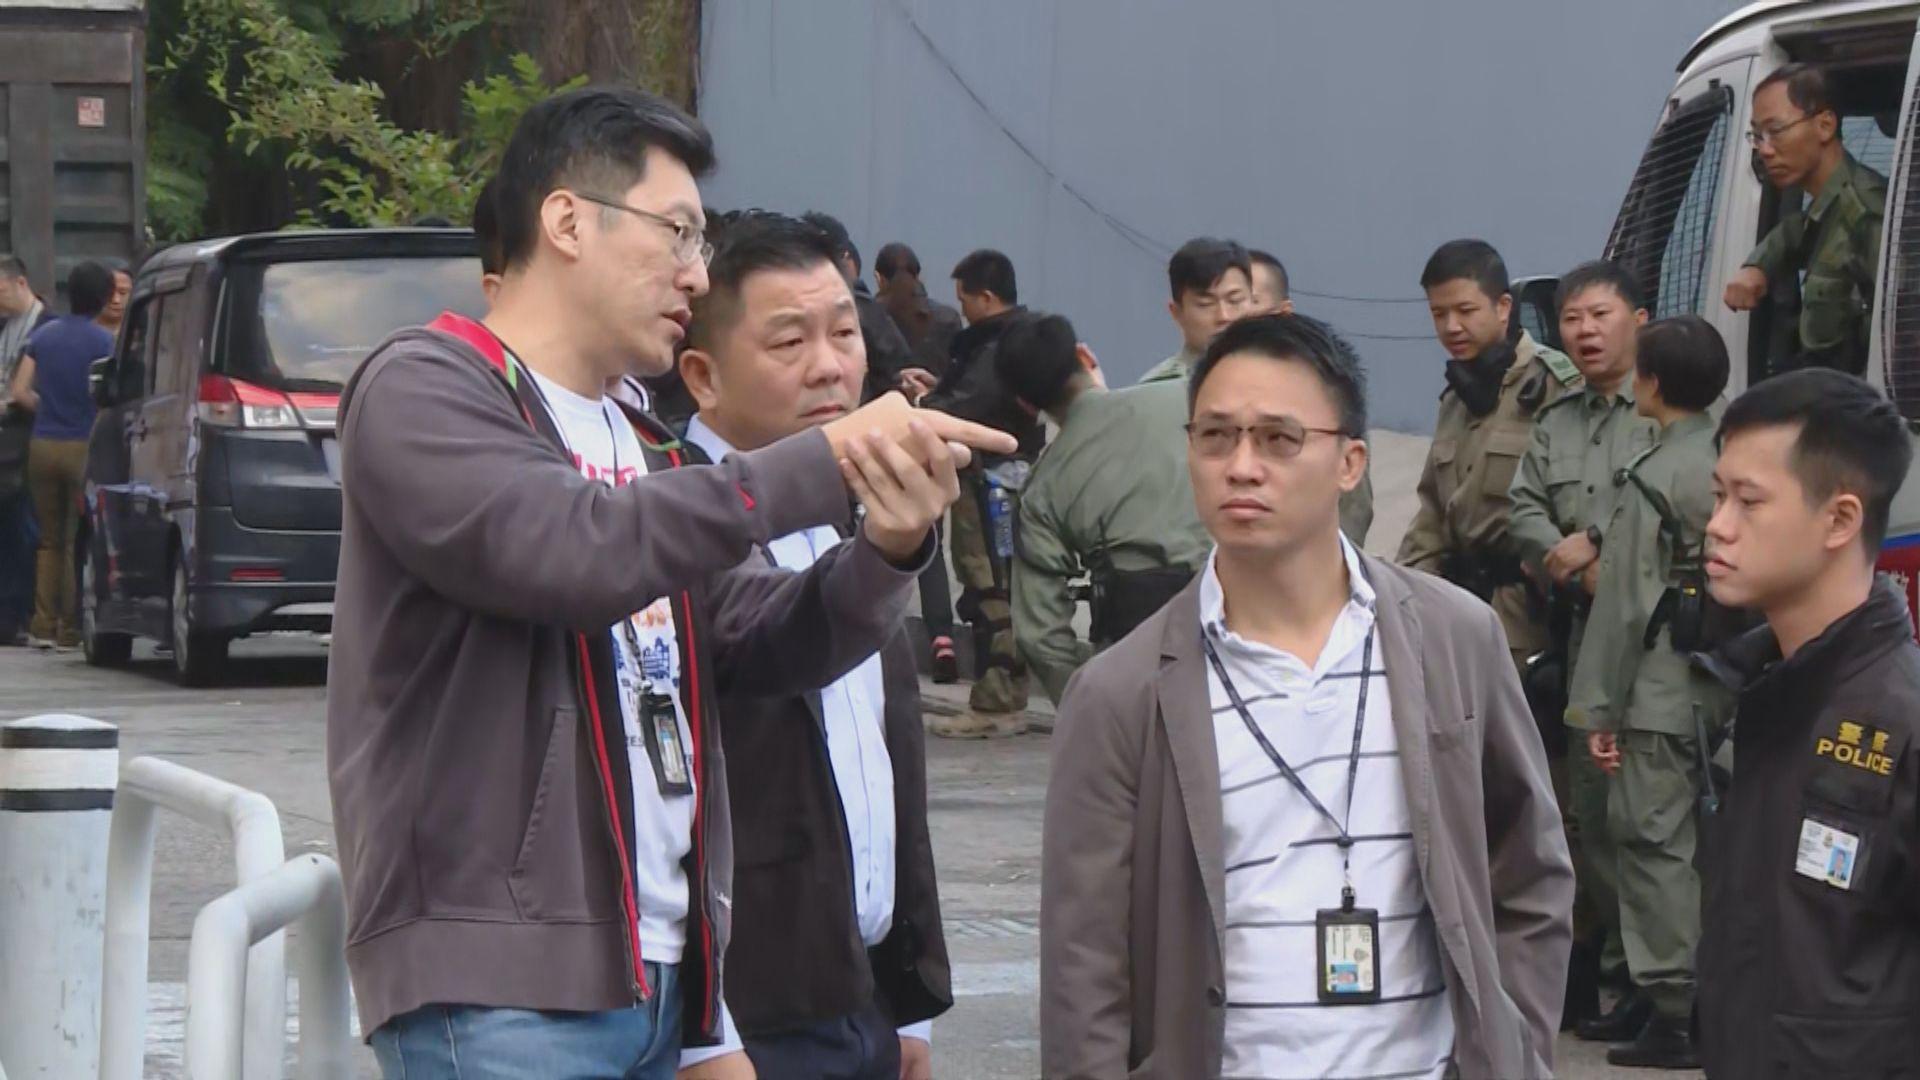 葵涌警員開槍擊中一名男子 另外一人涉襲警被捕